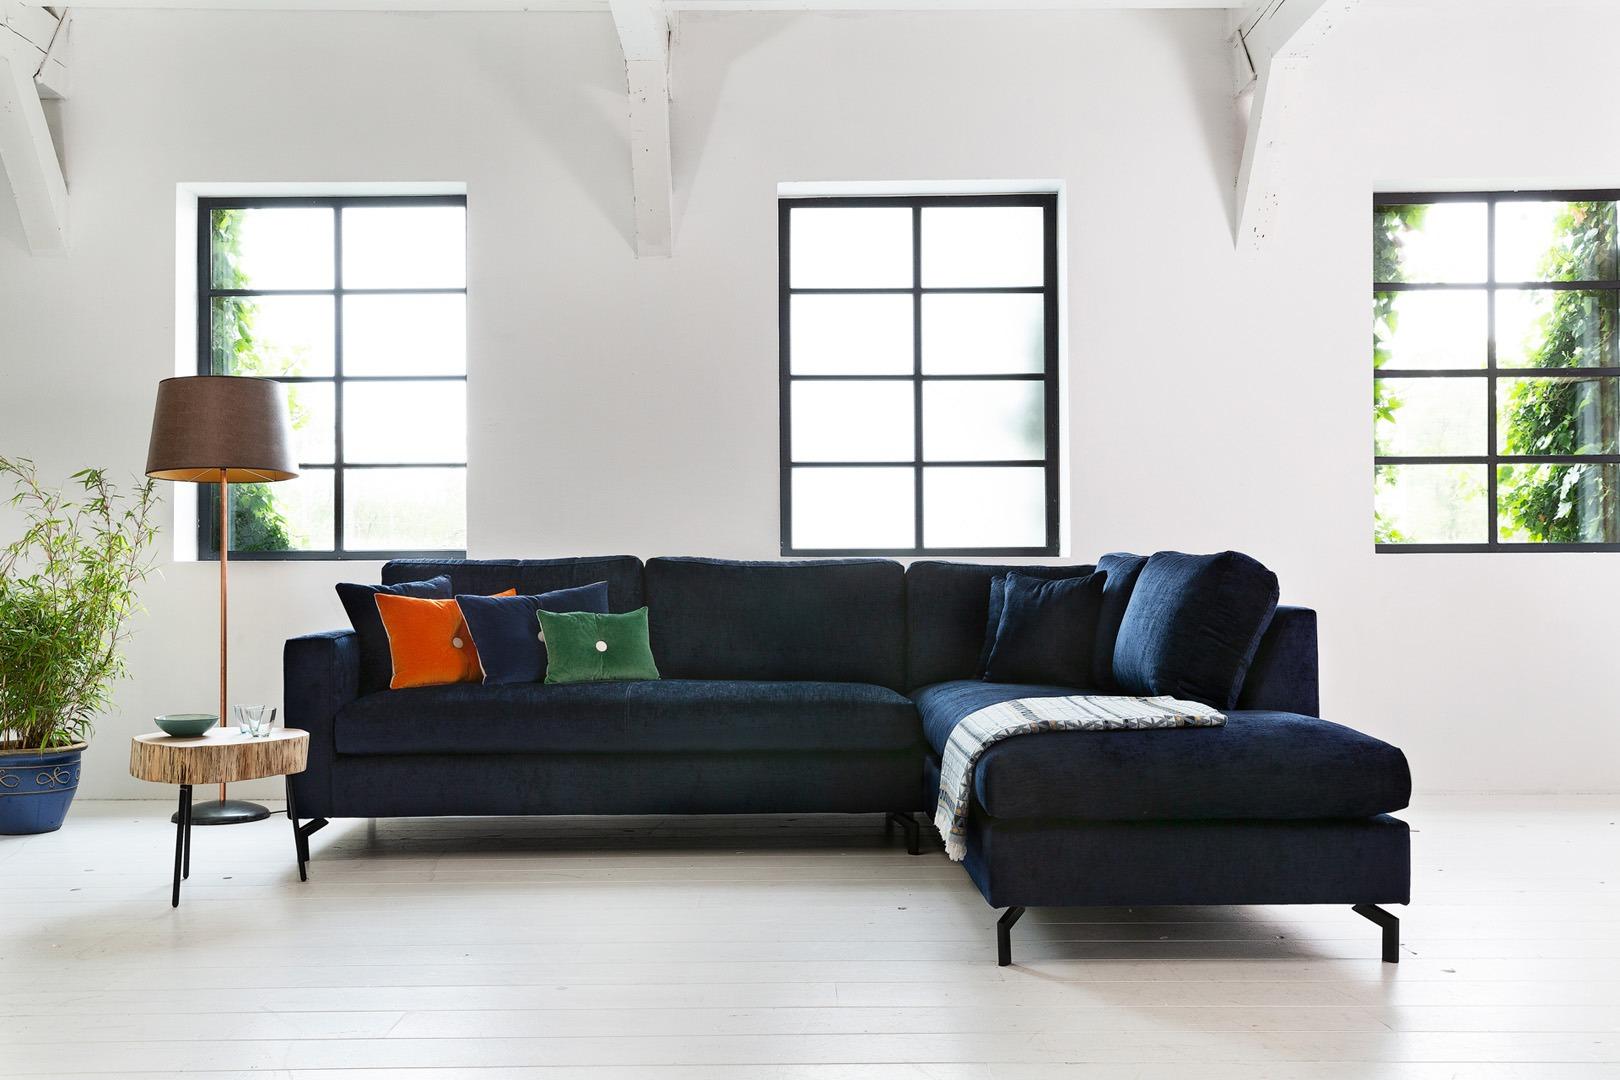 romantic-paris-hoekbank-met-longchair-blauwe-stof-soofs-interieur-